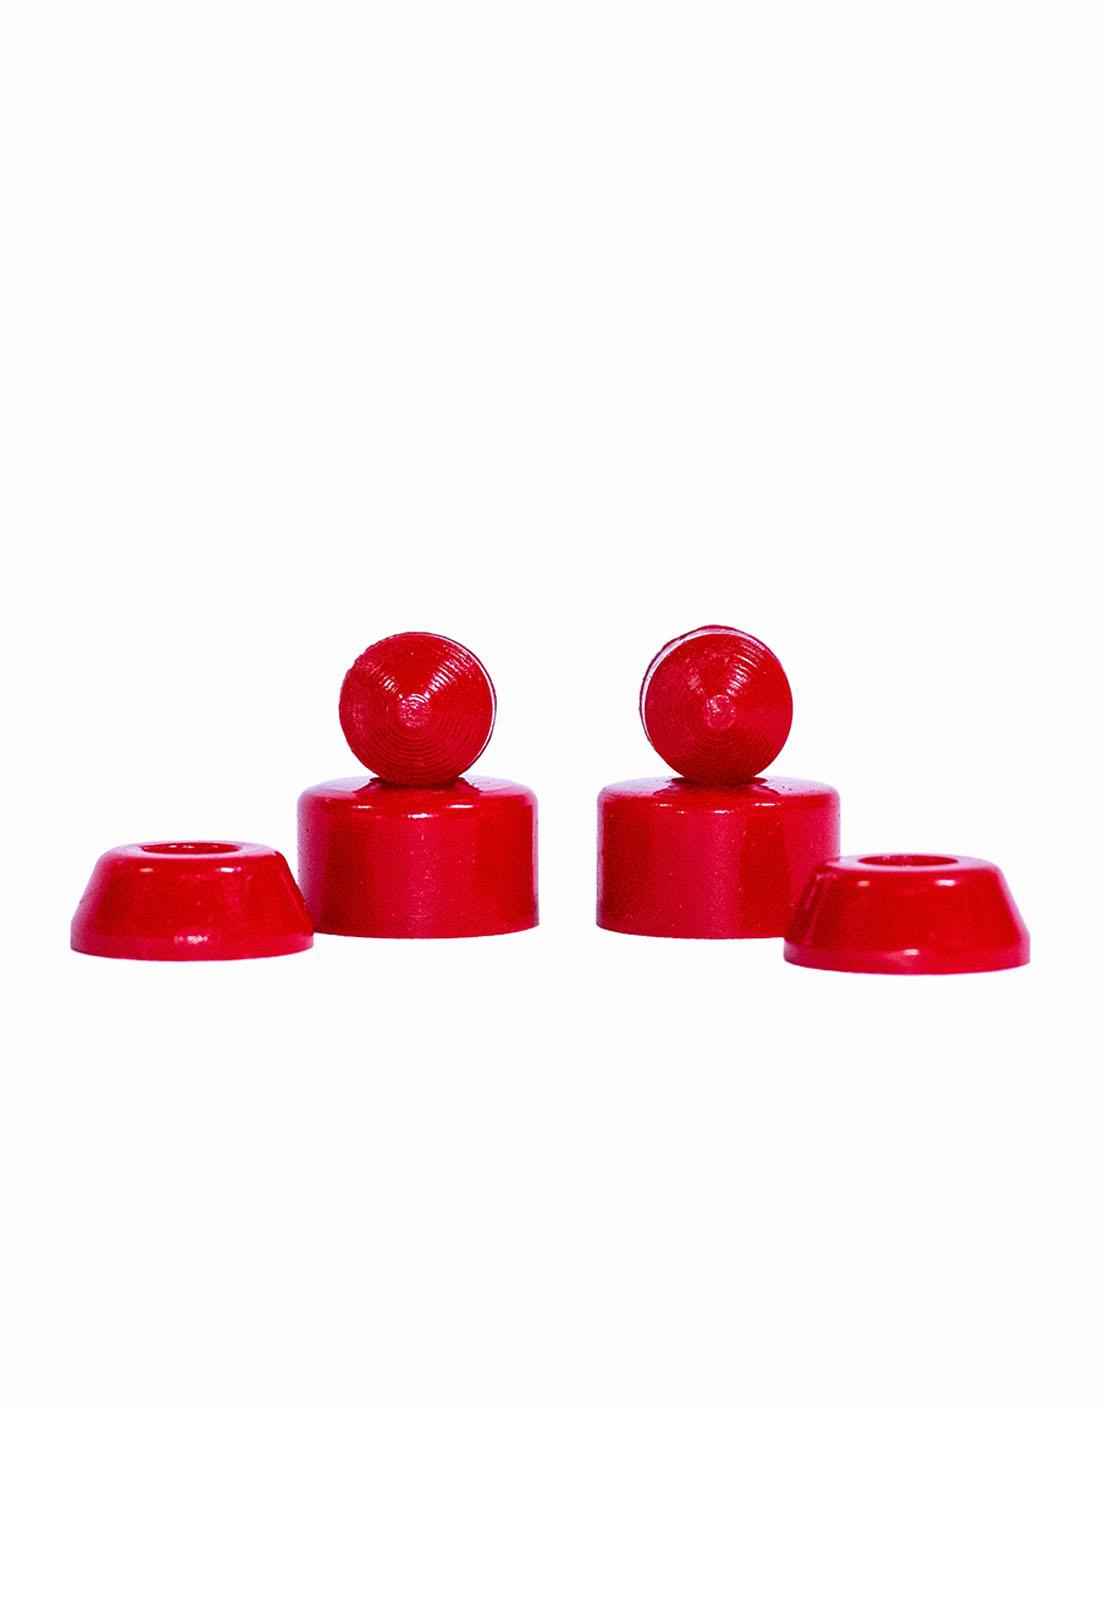 Amortecedor Poliuretano Fundido Conico 9,5mm Cisco Skate Red